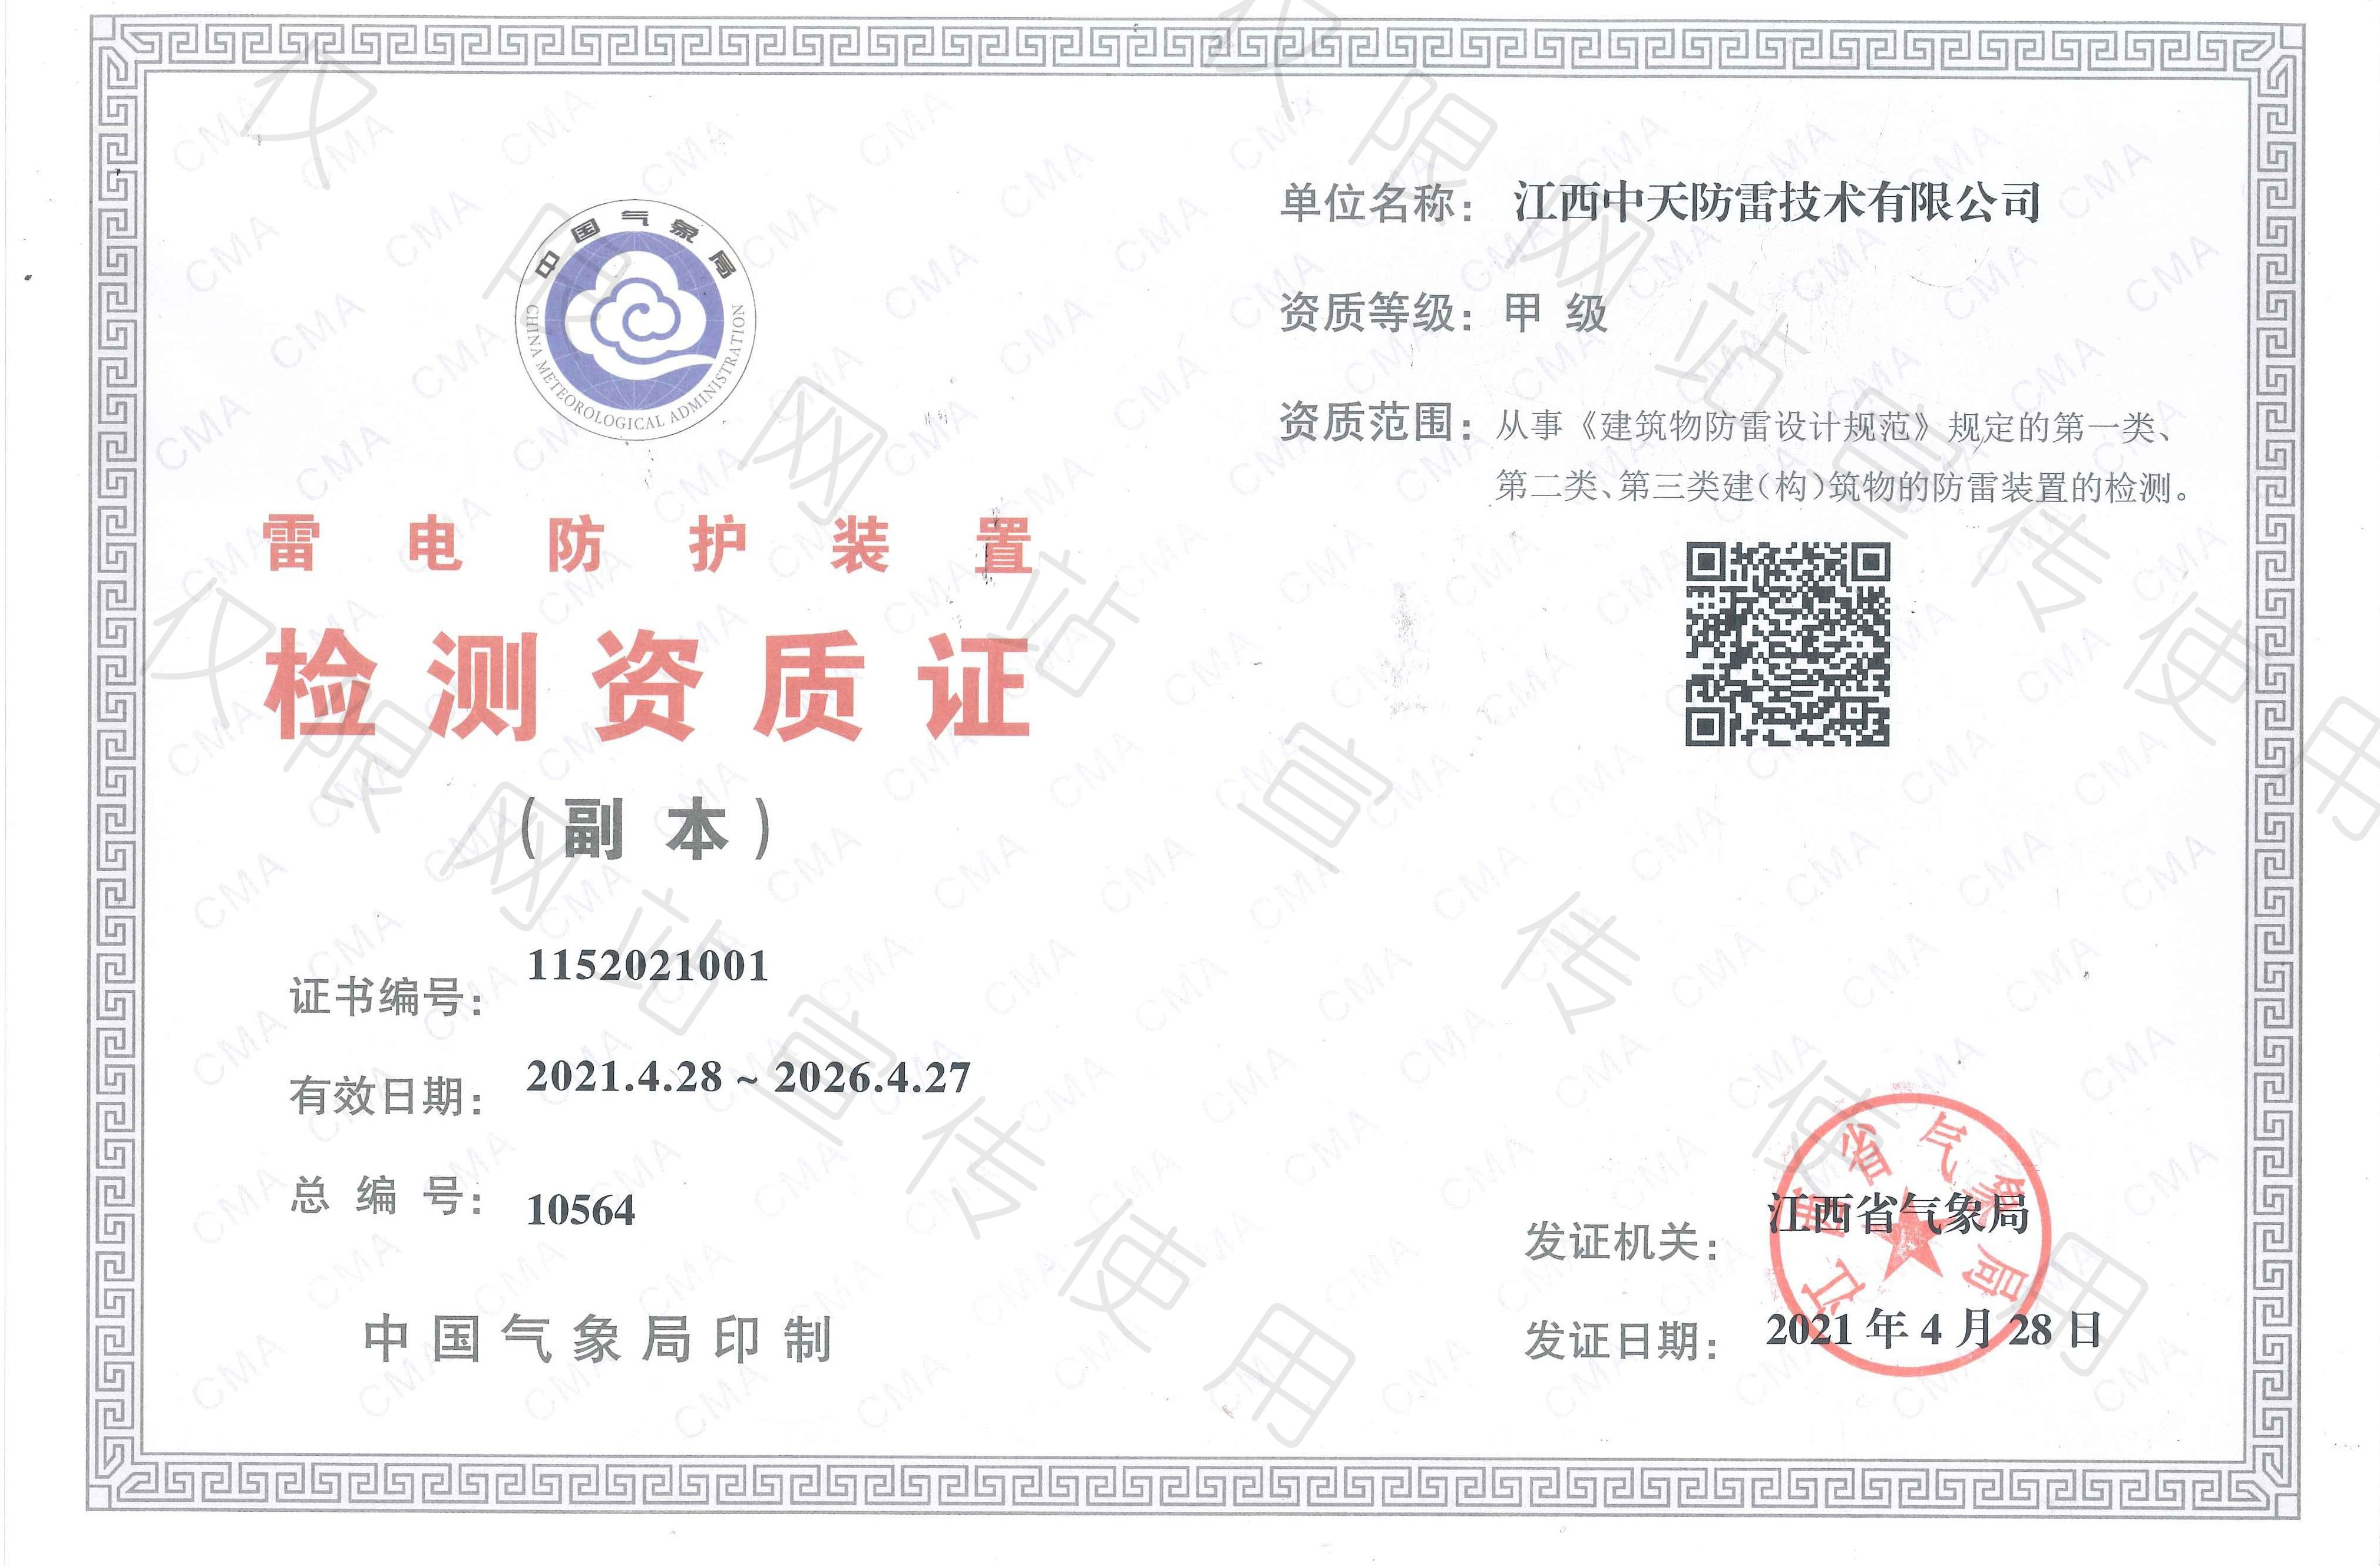 热烈祝贺江西中天龙8国际官方网手机版技术有限公司取得甲级龙8国际官方网手机版app资质!